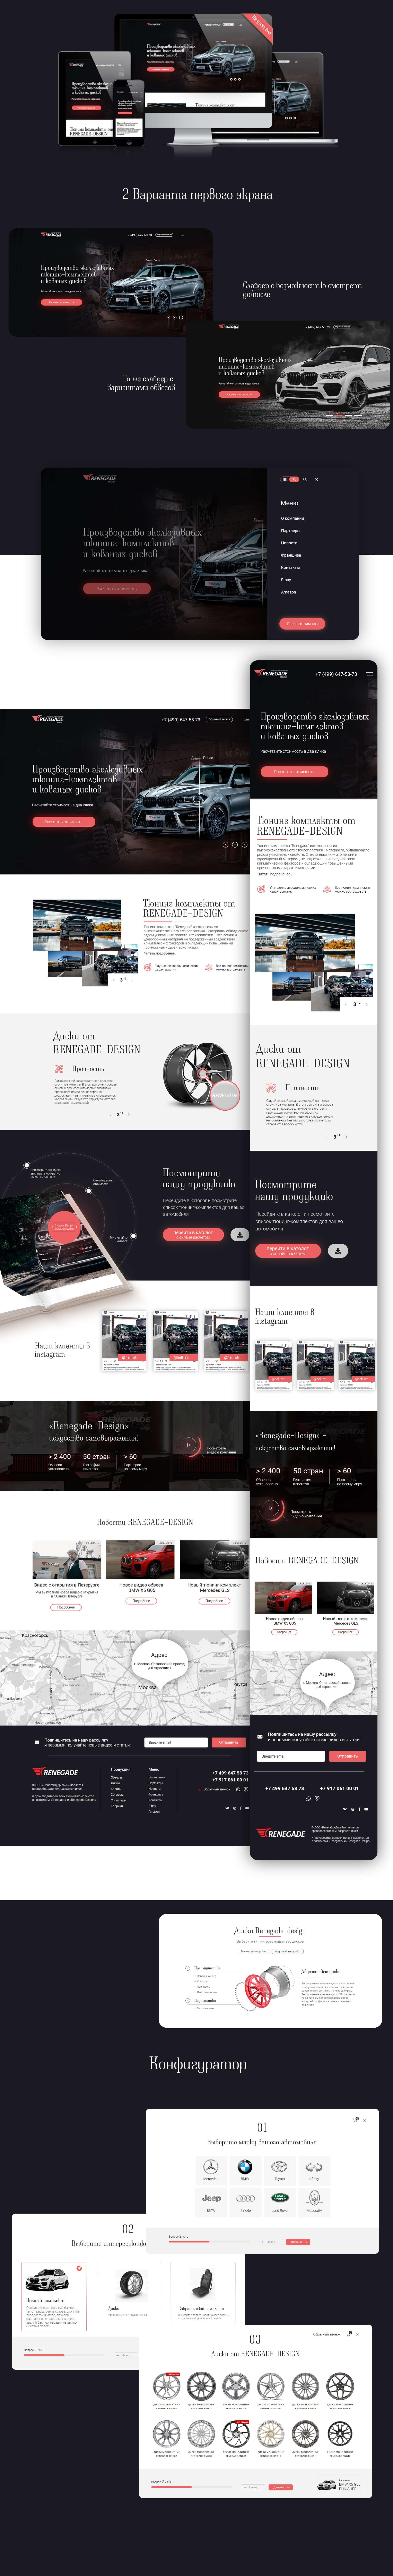 Разработка дизайна сайта «Renegade Design» фото f_3725d52067285969.jpg